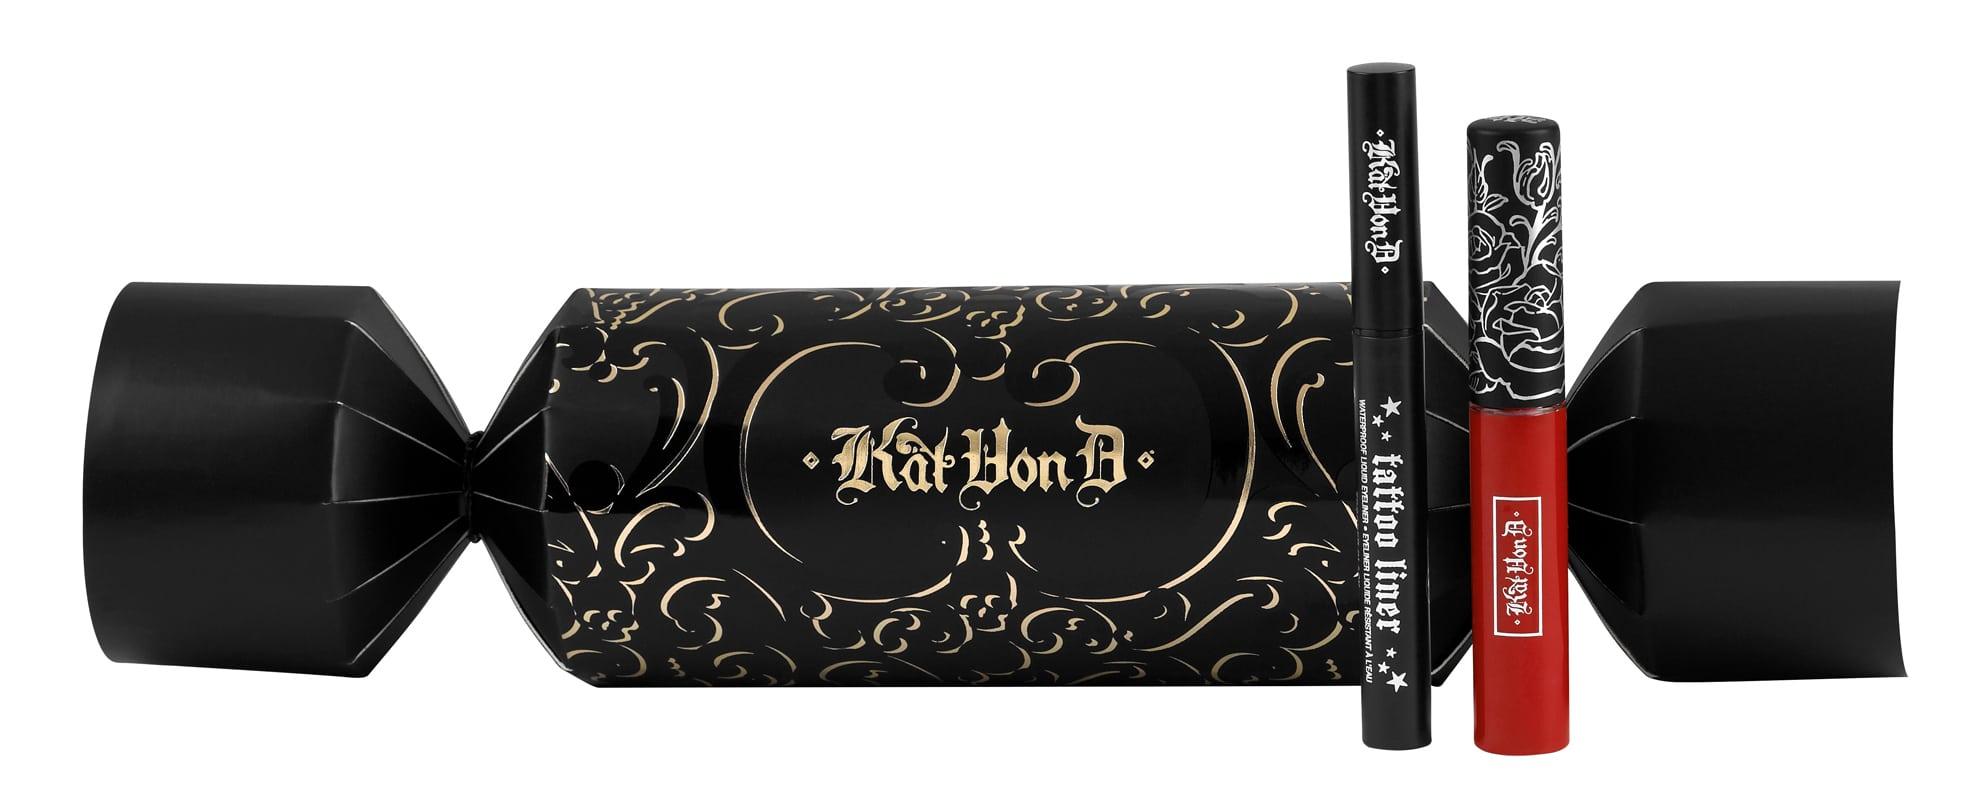 Novità Kat Von D per il Natale 2017, Everlasting lip liner mini set